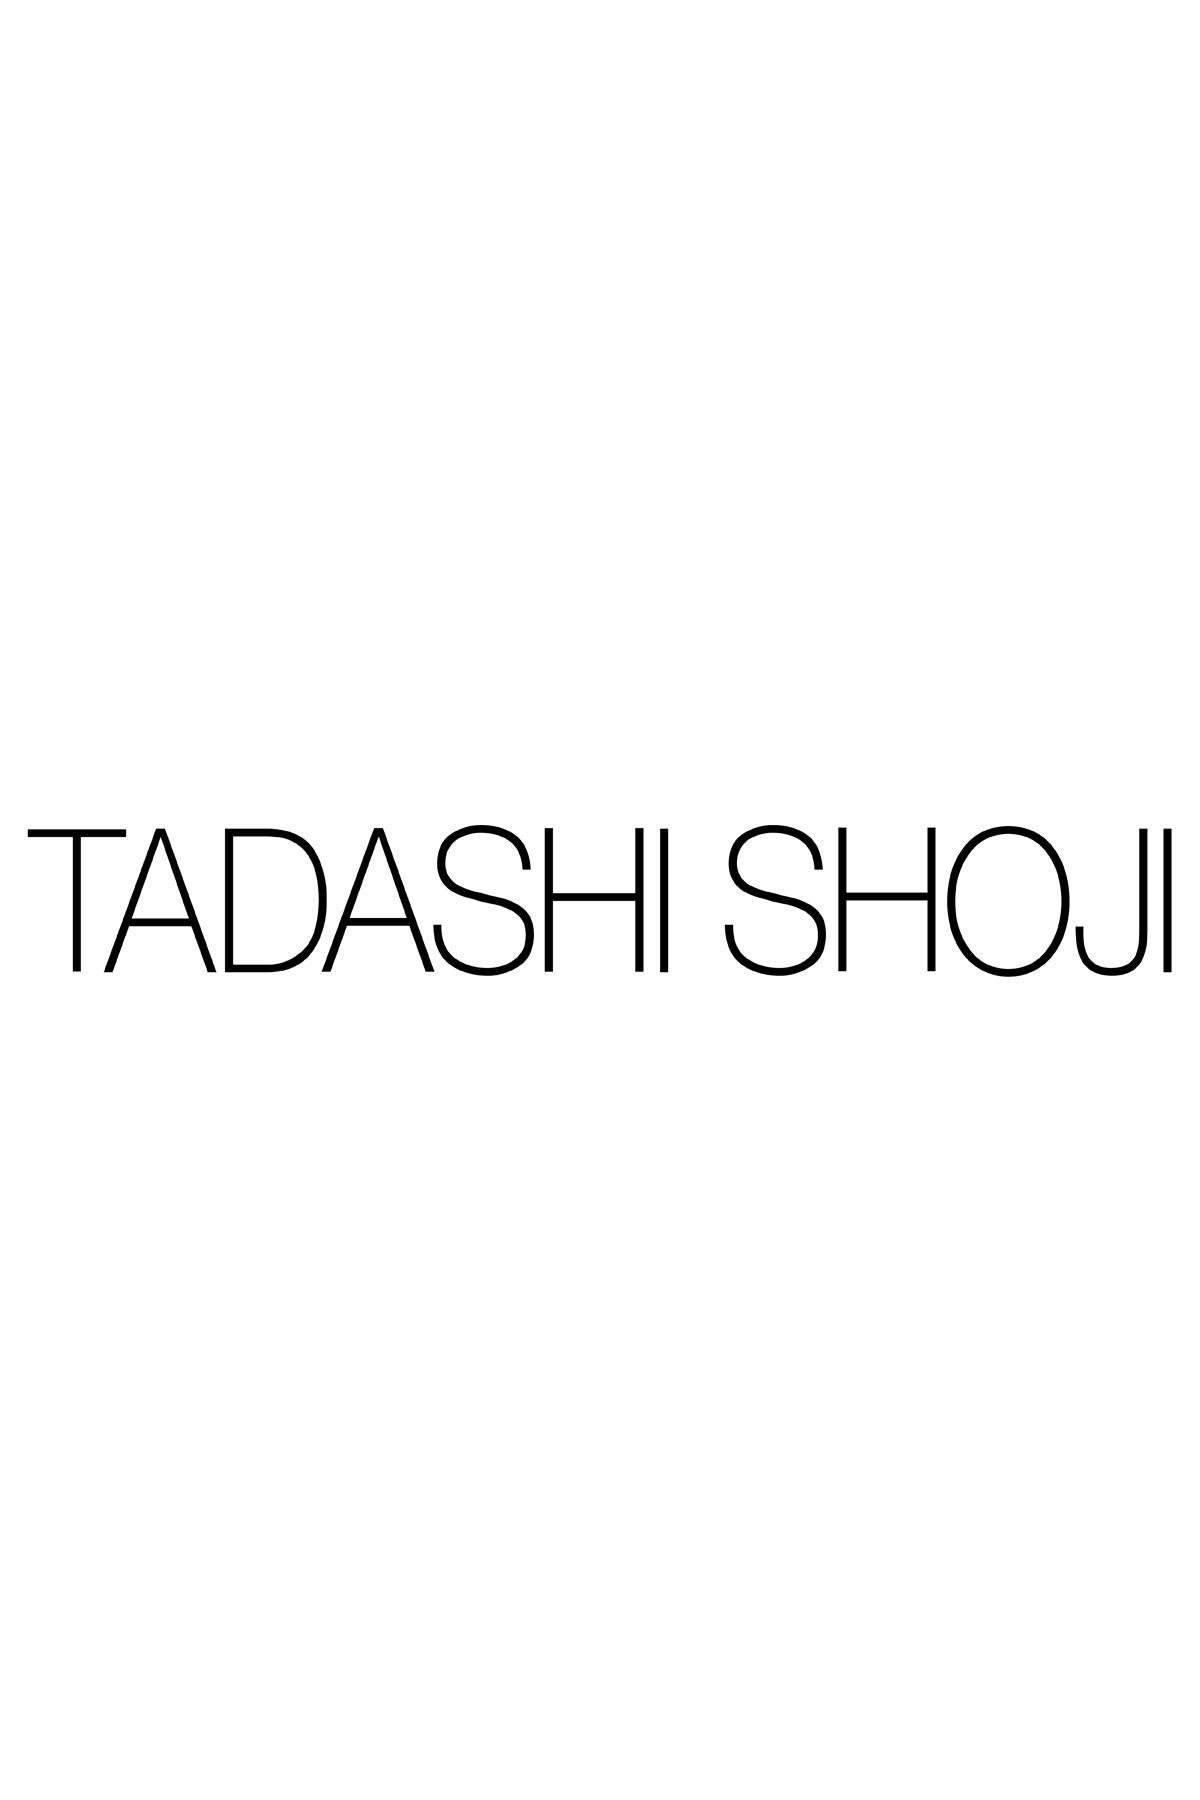 Priscilla Floral Comb